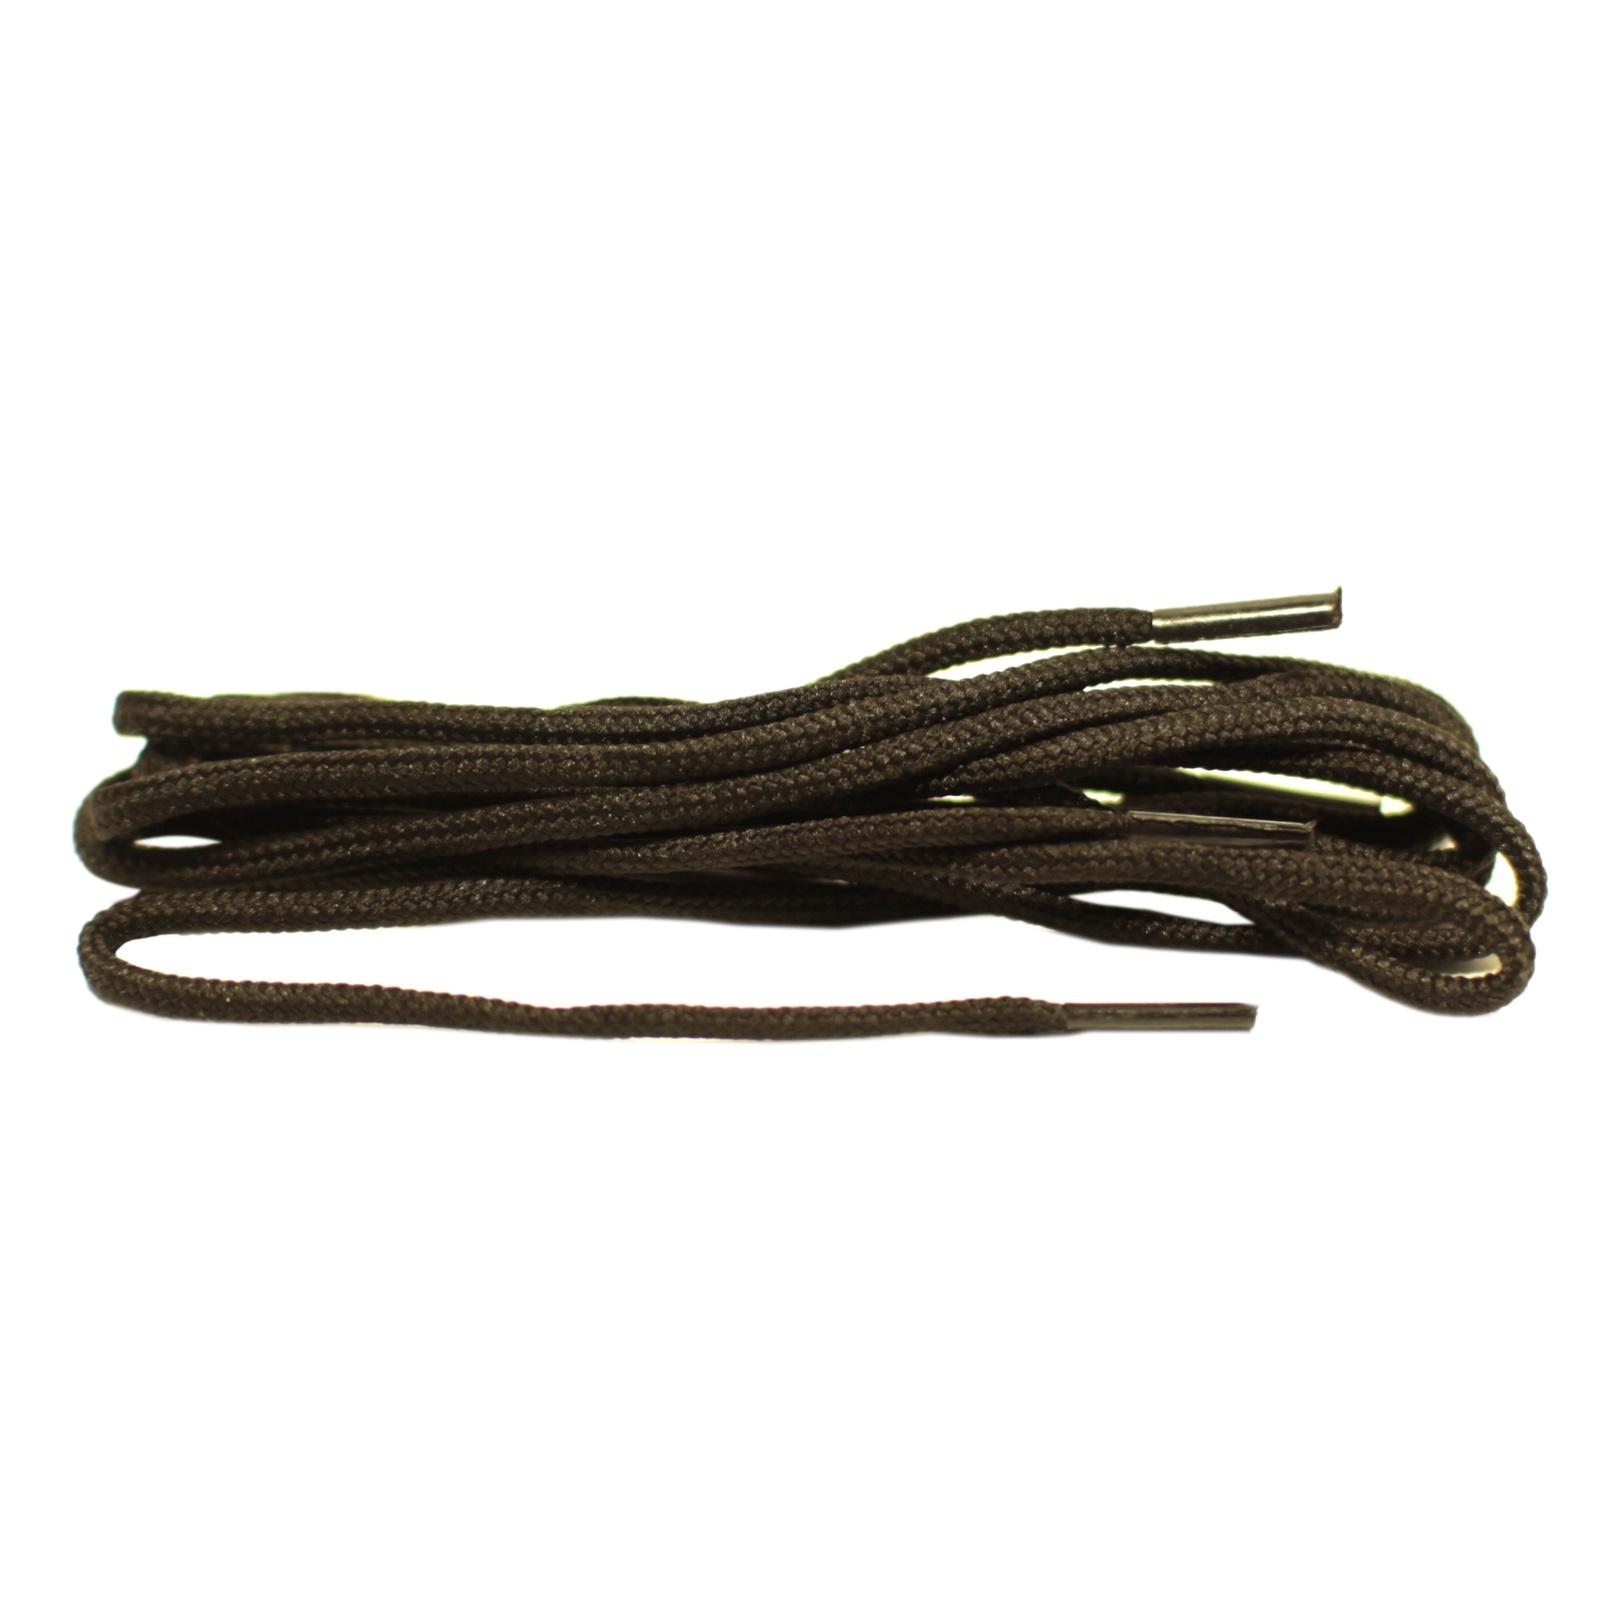 Шнурки Шнурком В854 круглые 3мм 75см, черный шнурки для обуви радуга active усиленные круглые с наполнителем цвет белый 110 см